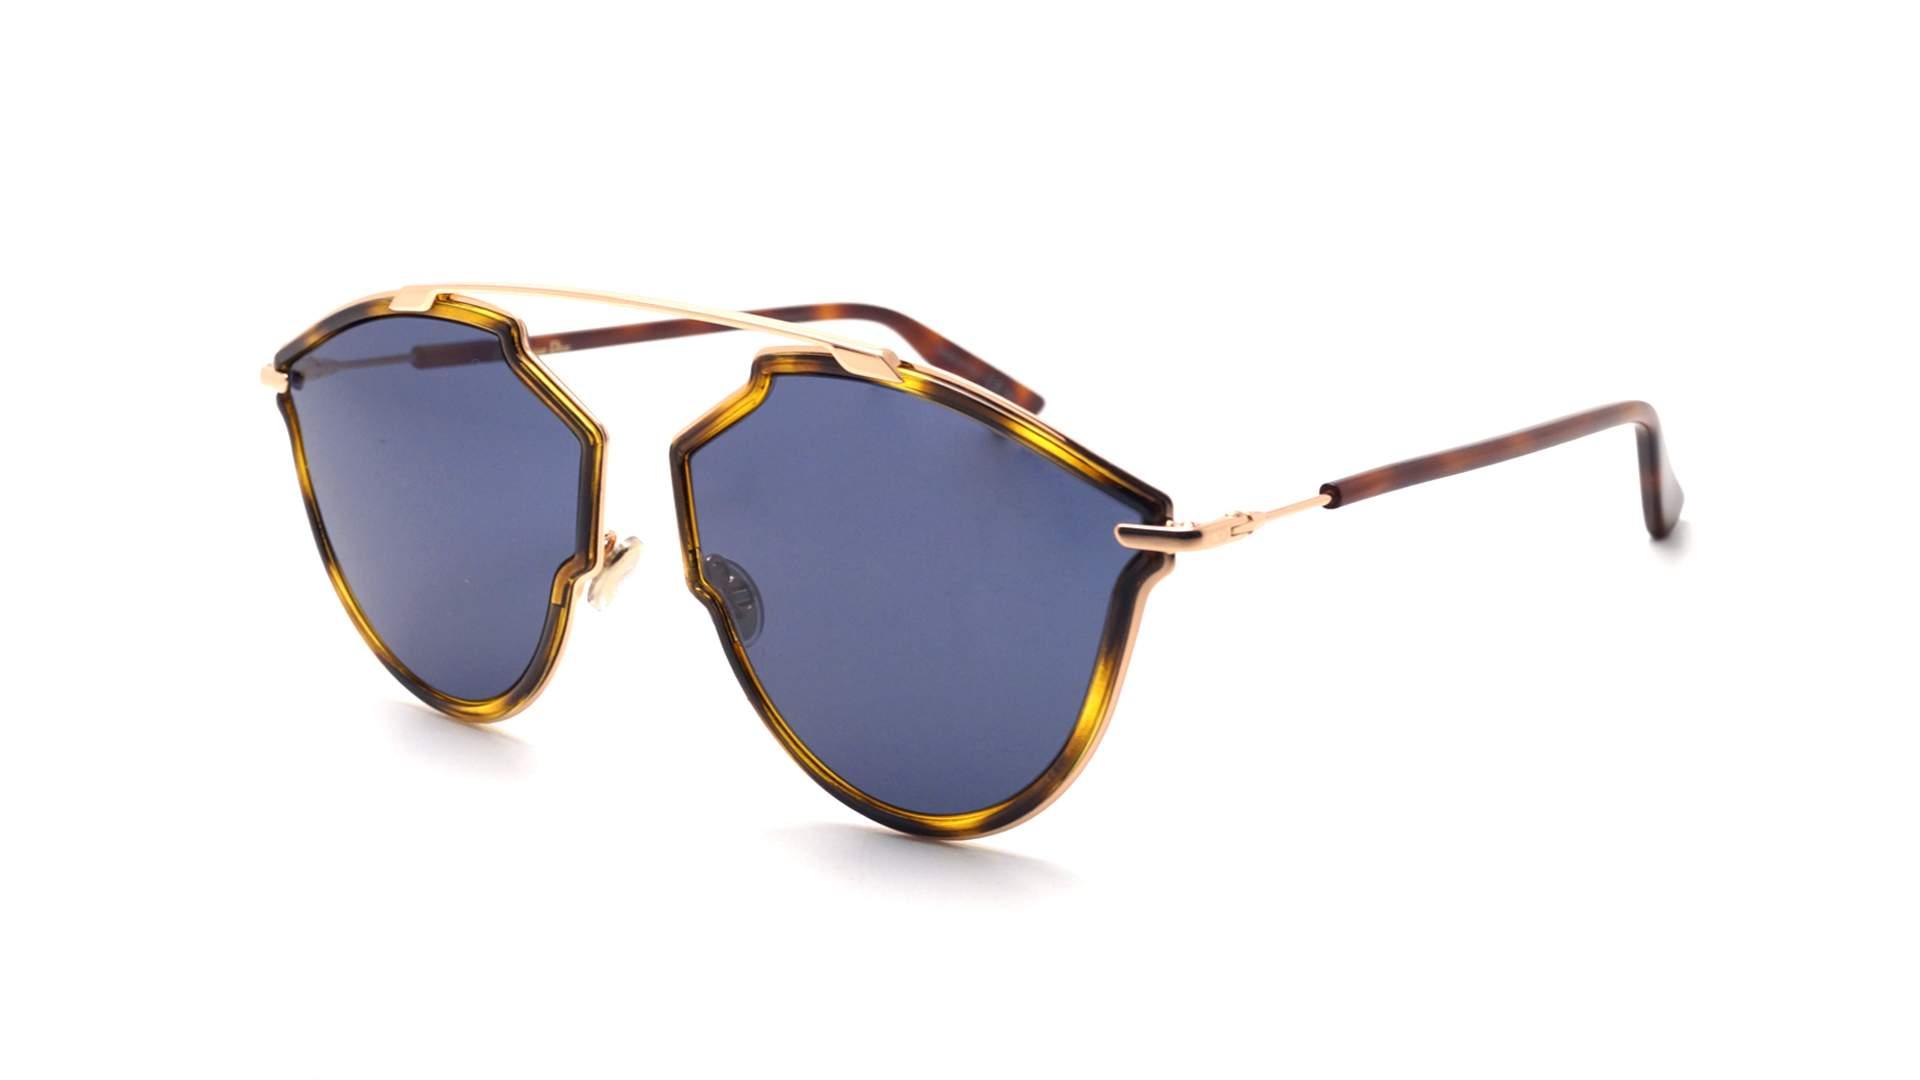 491b0d9cce05f Sunglasses Dior SoReal Rise Tortoise DIORSOREALRISE QUMKU 58-17 Large